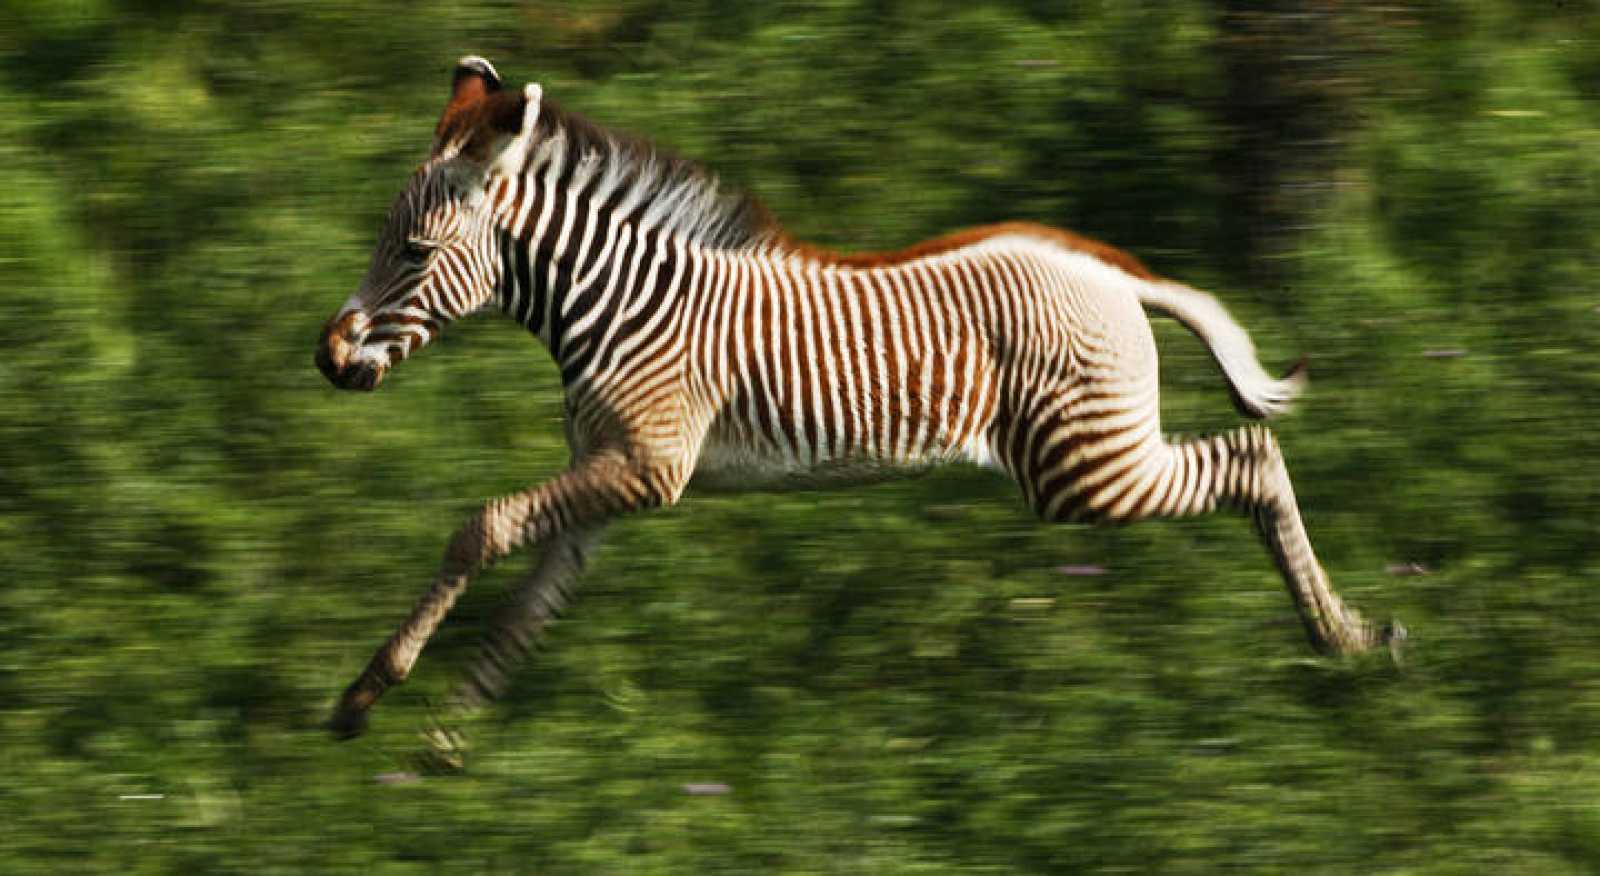 Una joven cebra corriendo en un parque nacional